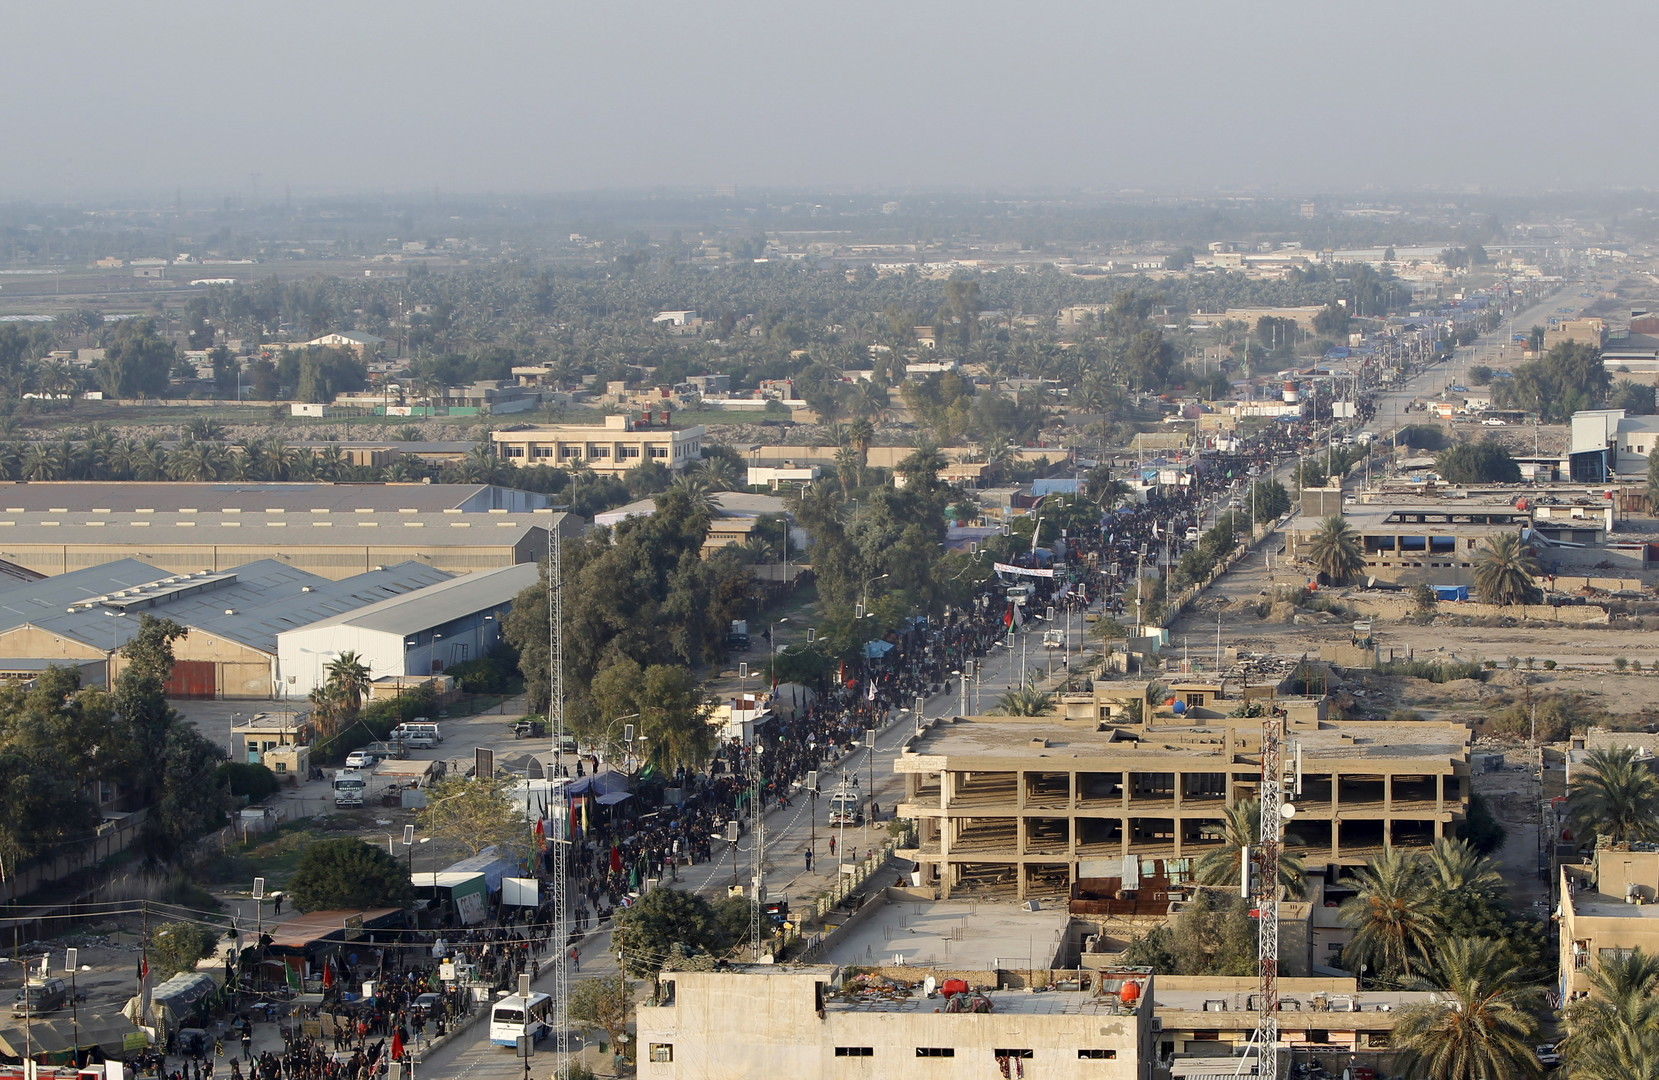 Tensions à la frontière entre l'Iran et l'Irak sur fond de pèlerinage des chiites (PHOTOS)